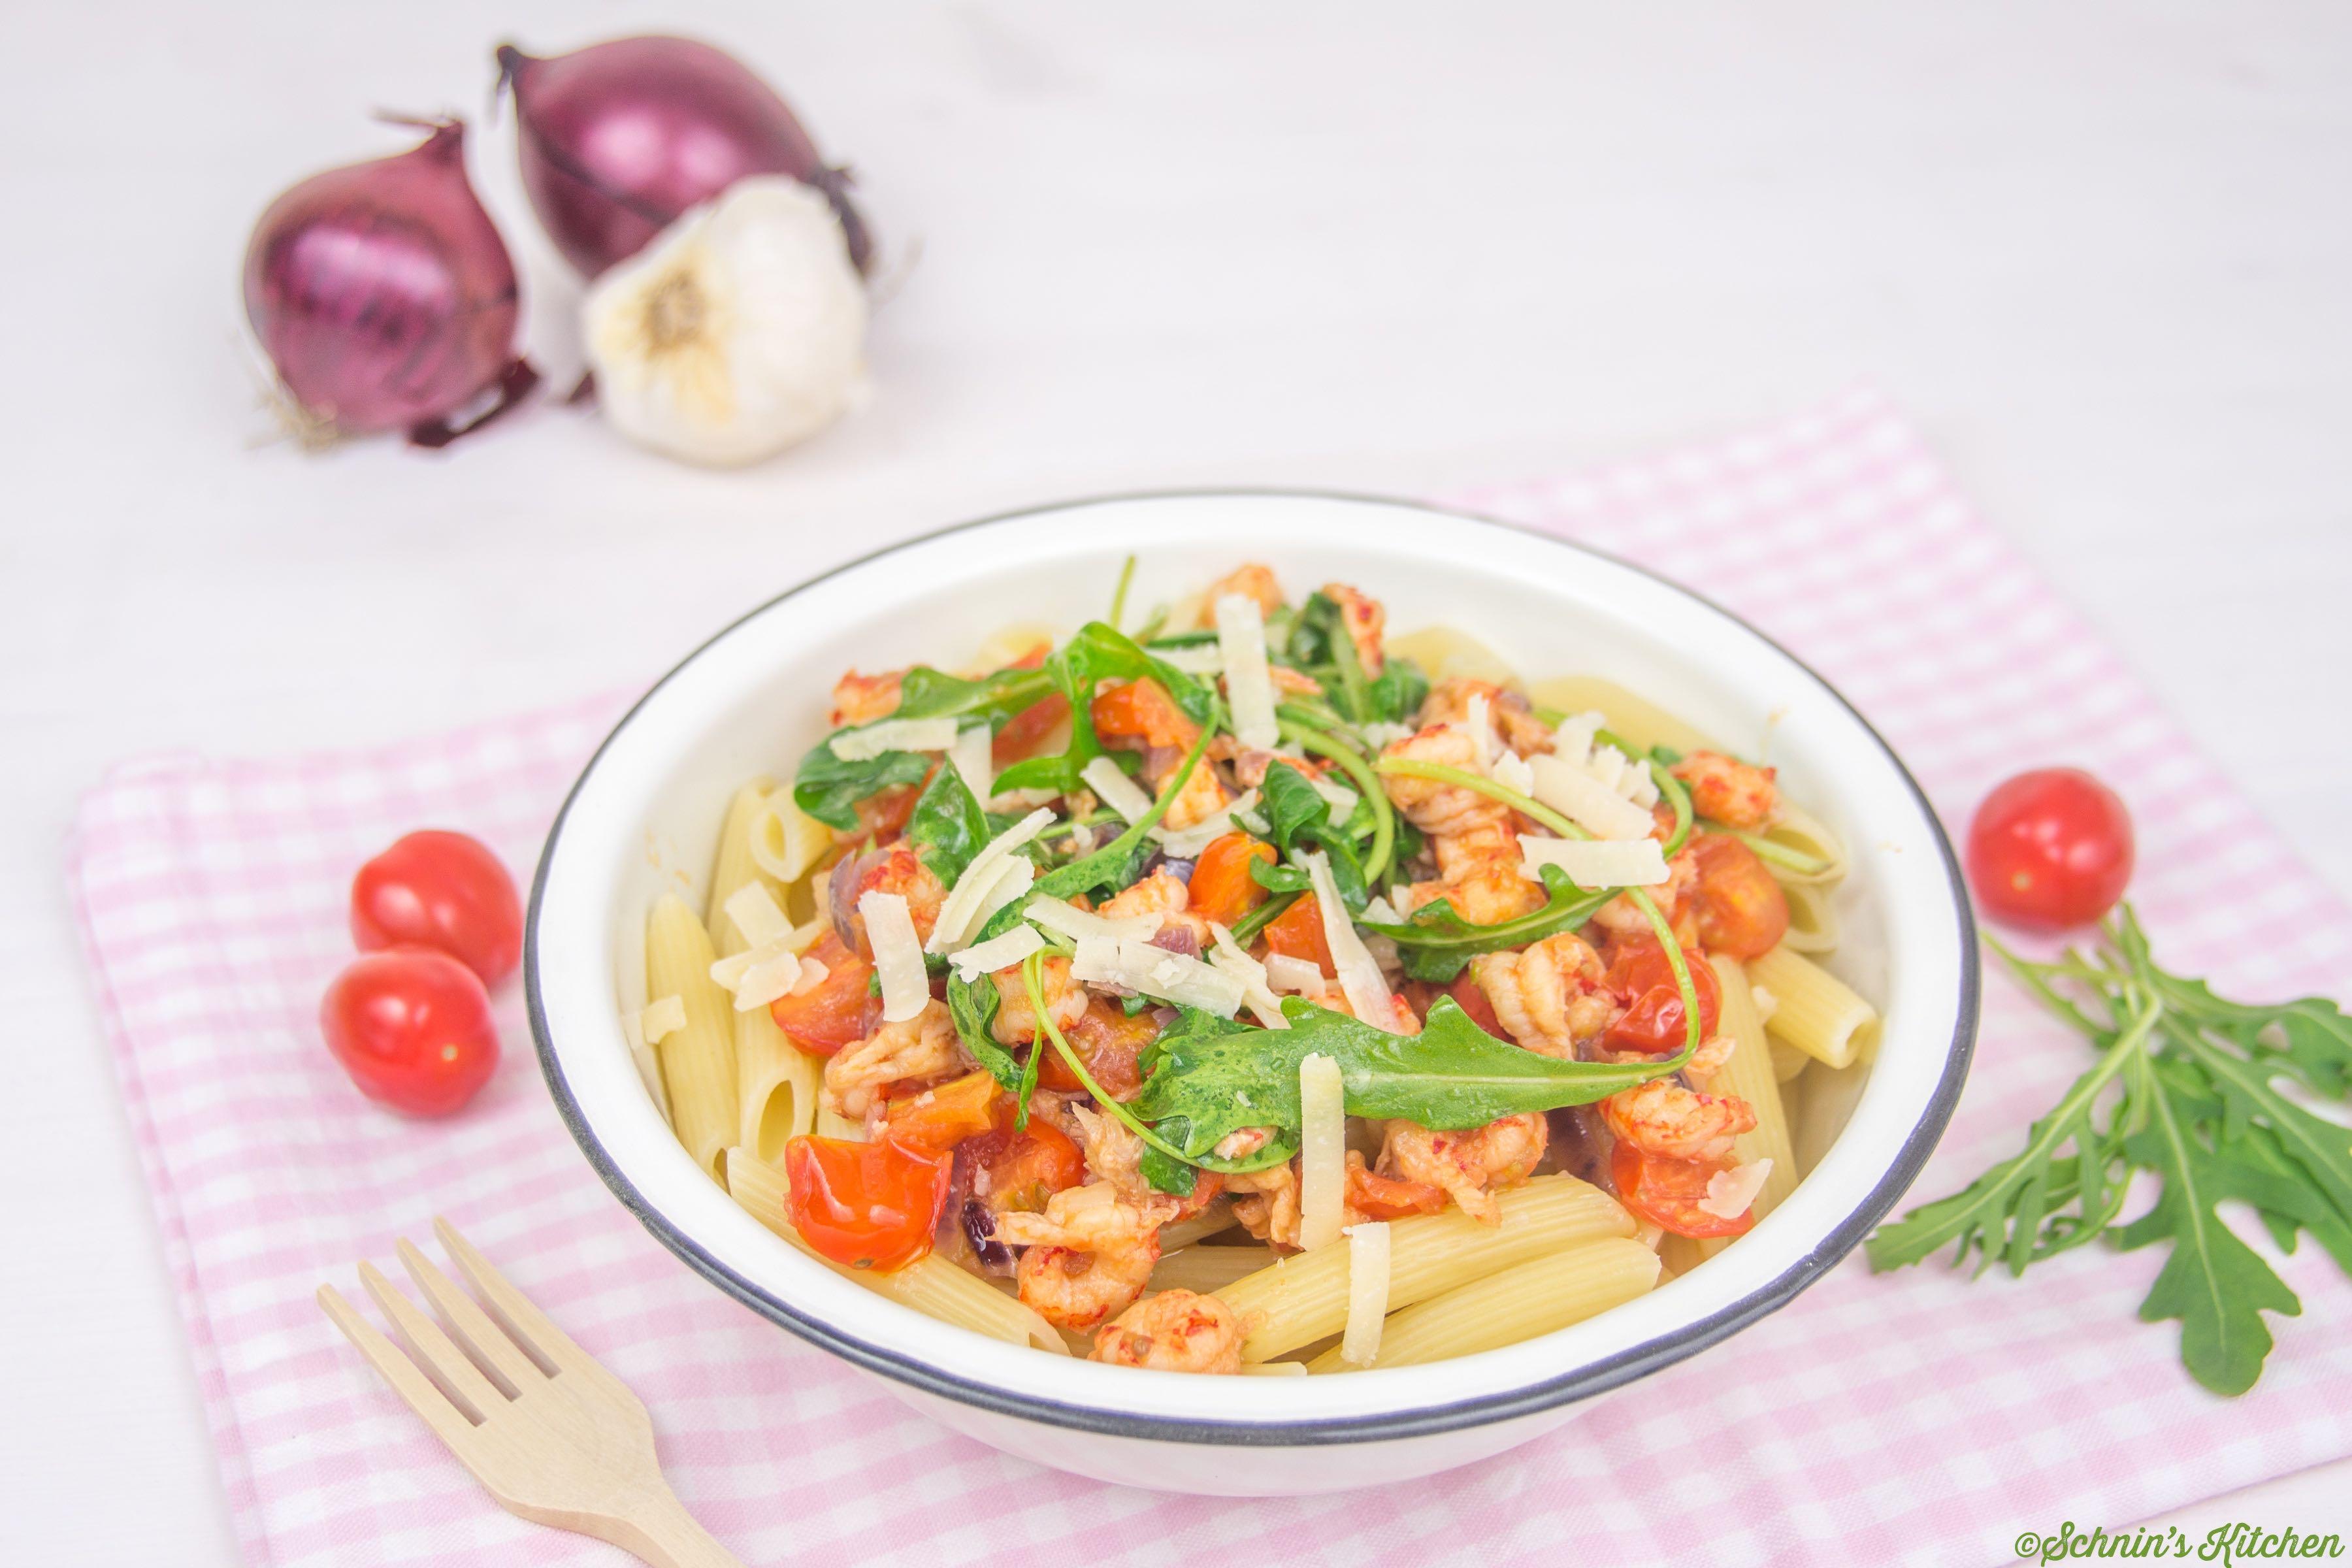 Die weltbeste Pasta mit Flusskrebsen, Tomaten, Rucola und Knoblauch - www.schninskitchen.de